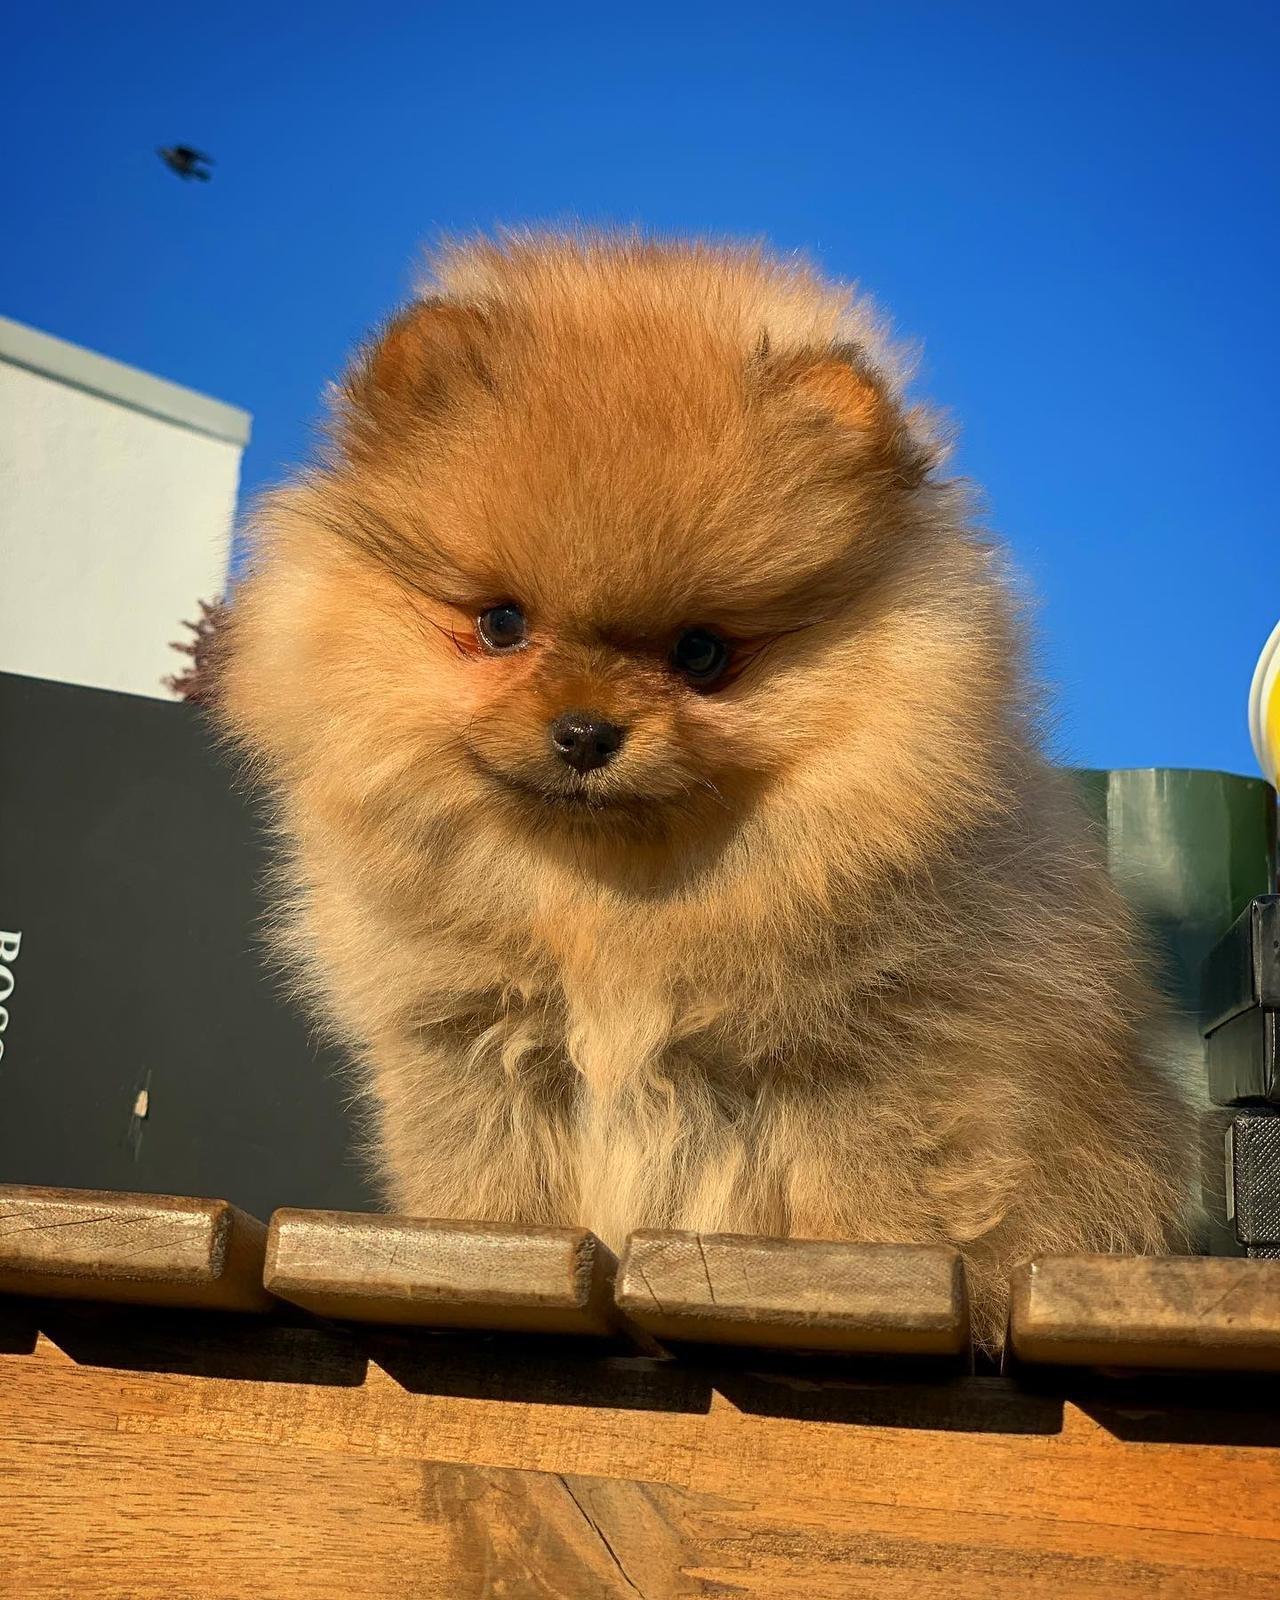 Orjinal  Teddybear Yüz Yapısına Sahip PomeranianBoo 2